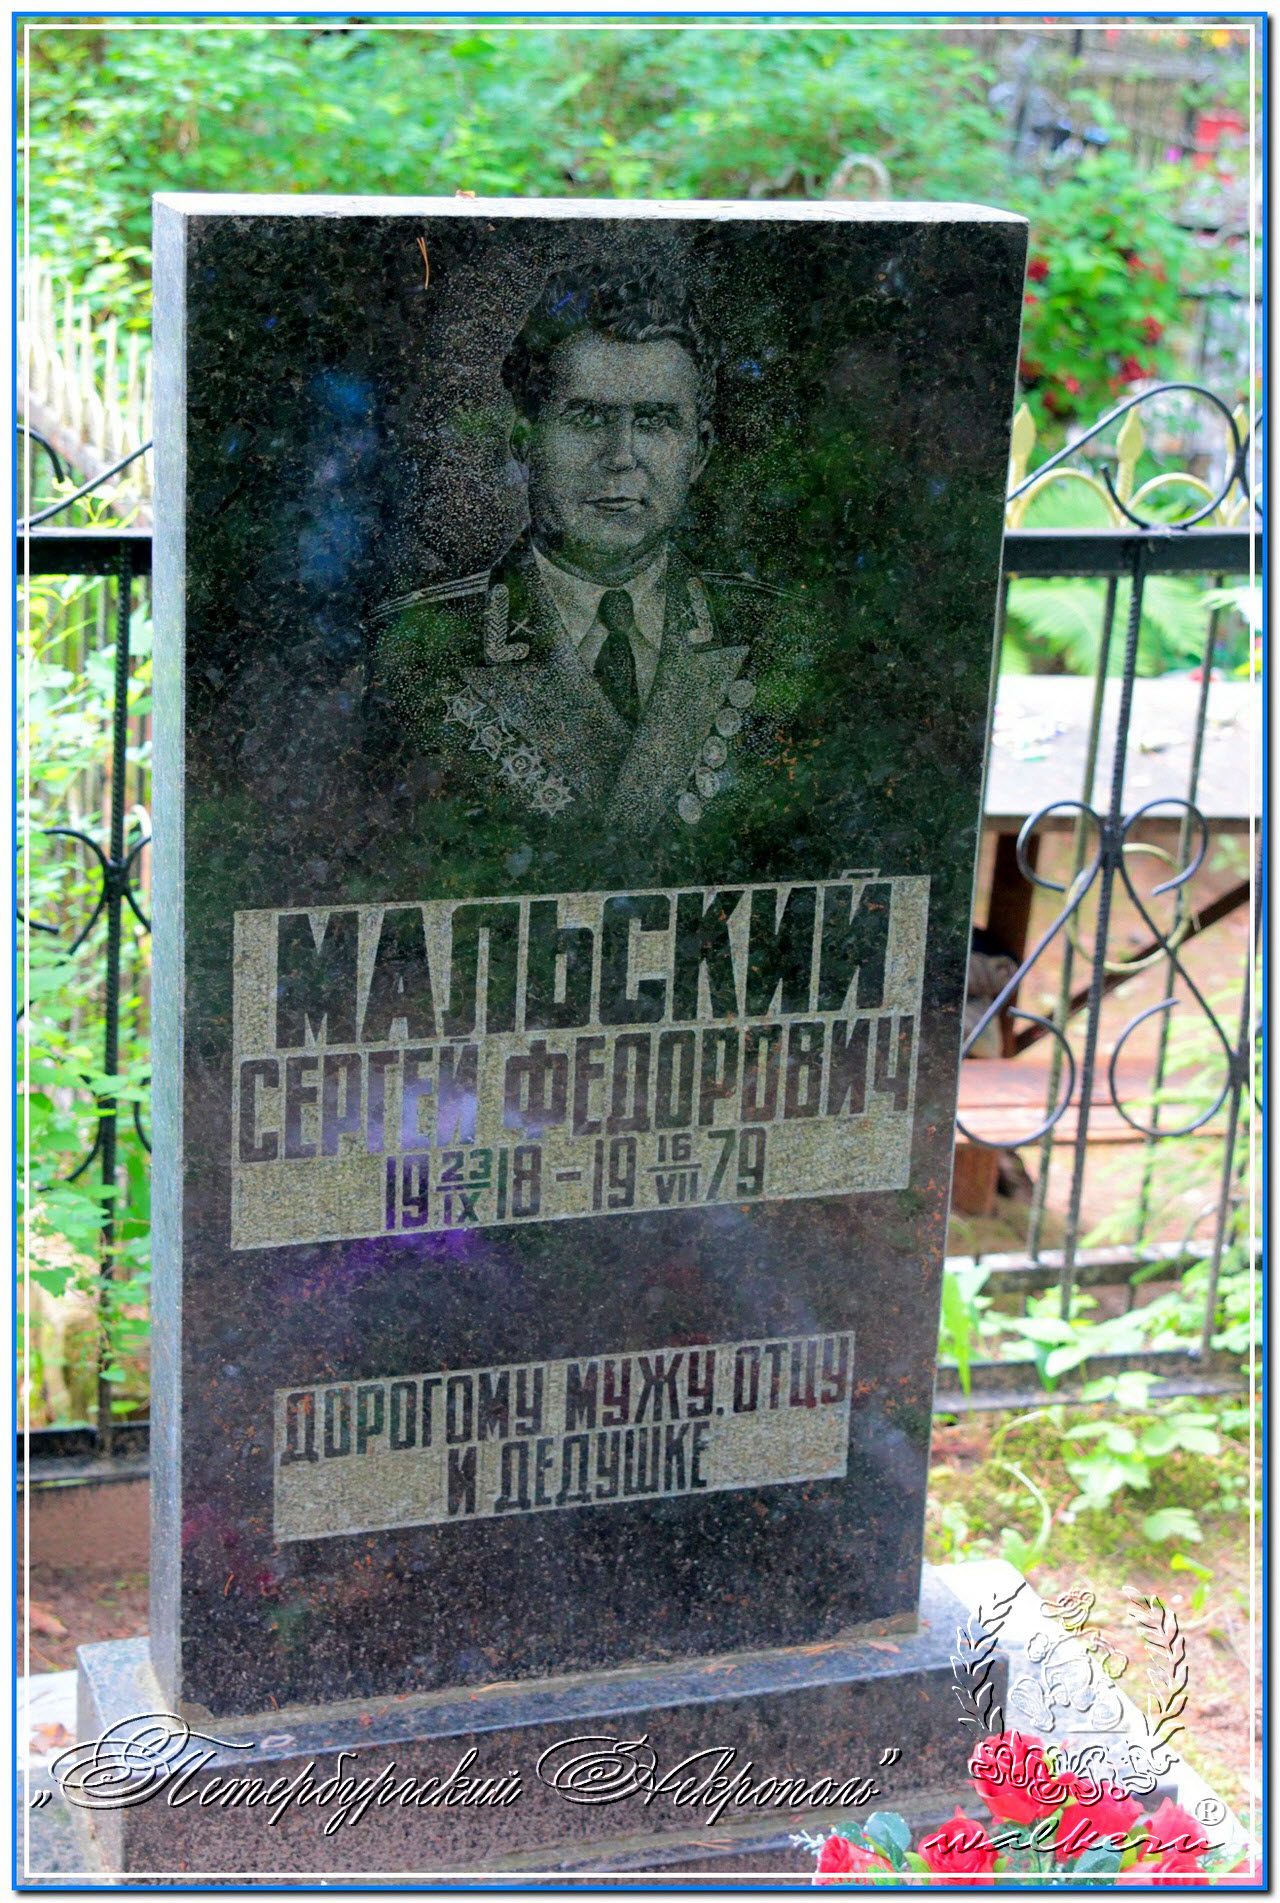 Мальский Сергей Фёдорович